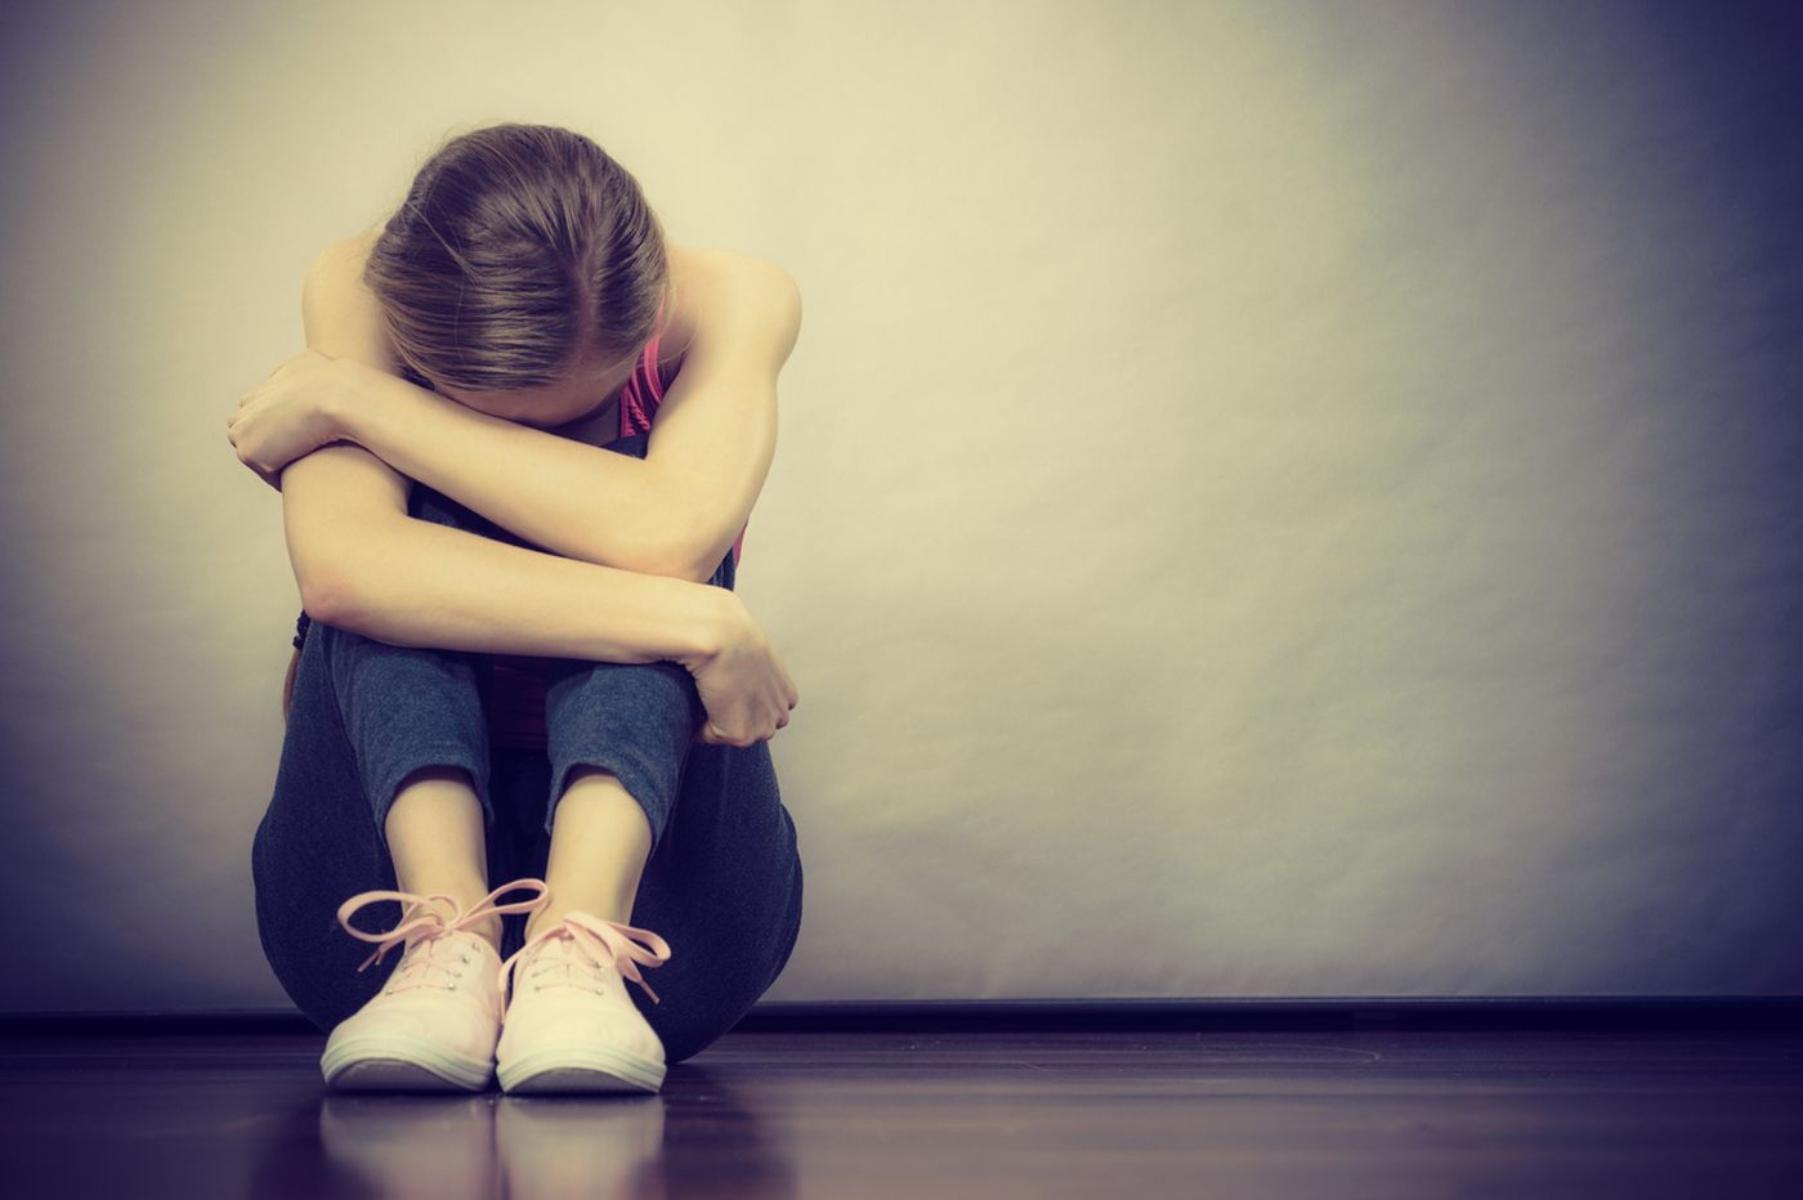 Κορωνοϊός επιπτώσεις: Γιατί αυξάνεται το ρίσκο για αυτοκτονικές πράξεις